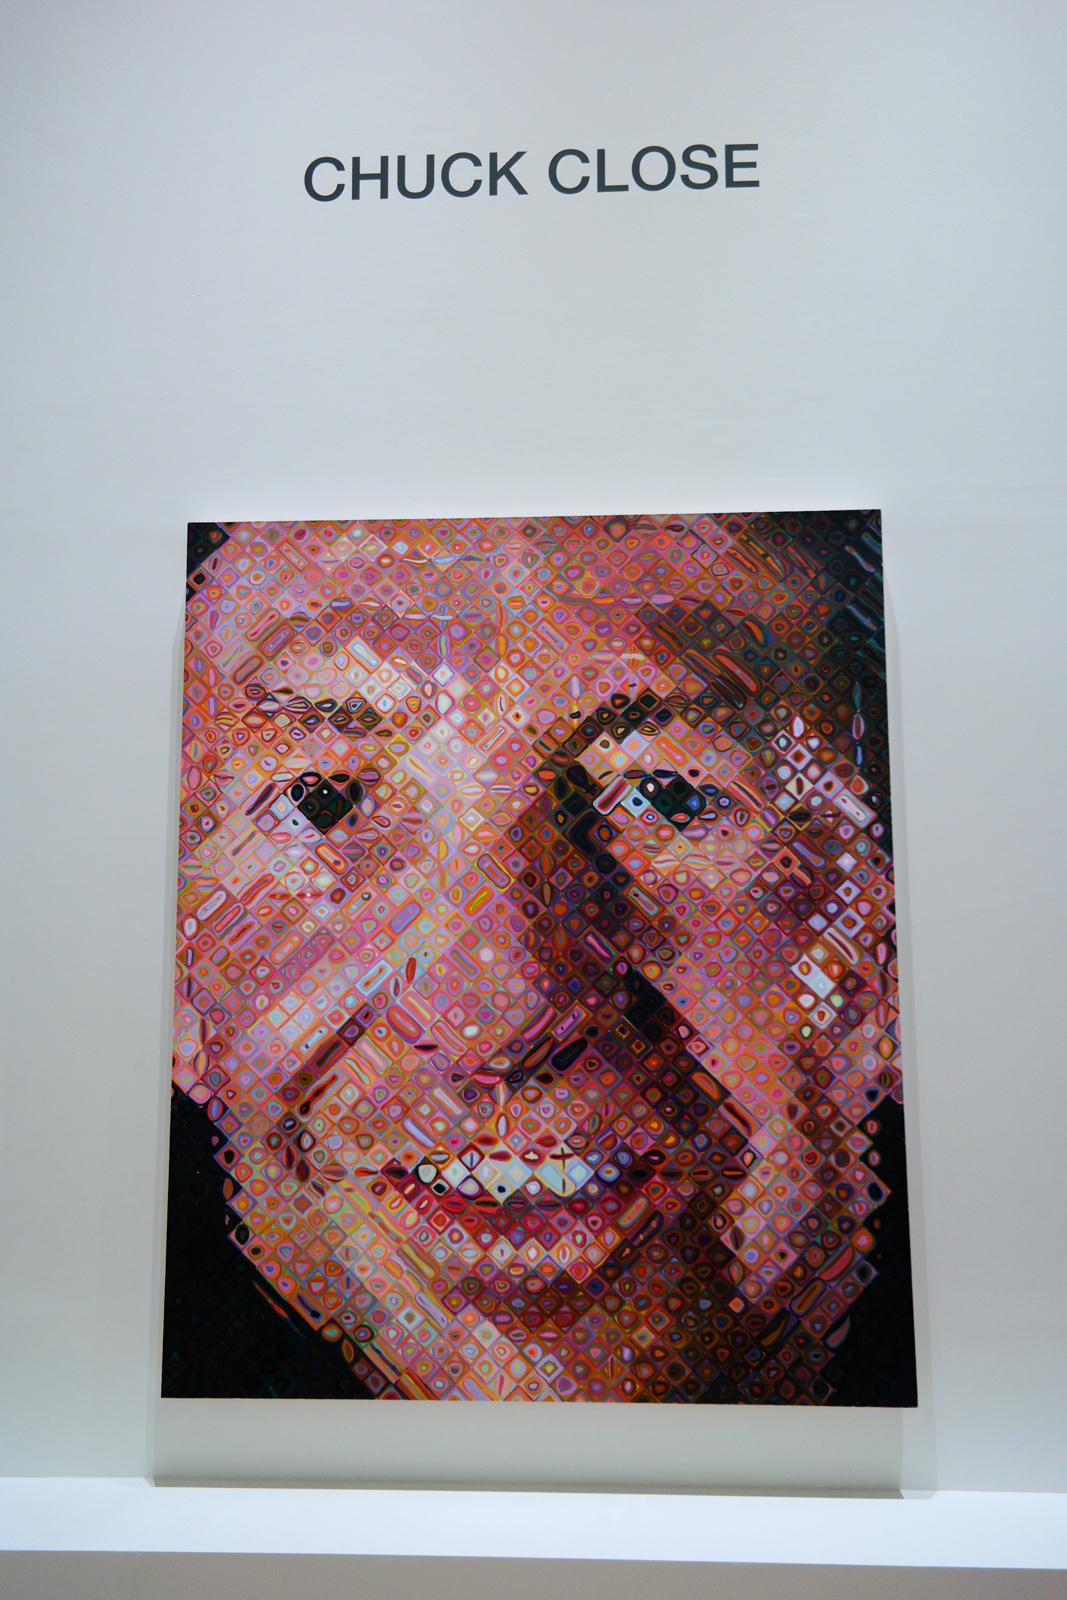 Robert, 1996-1997, Chuck Close